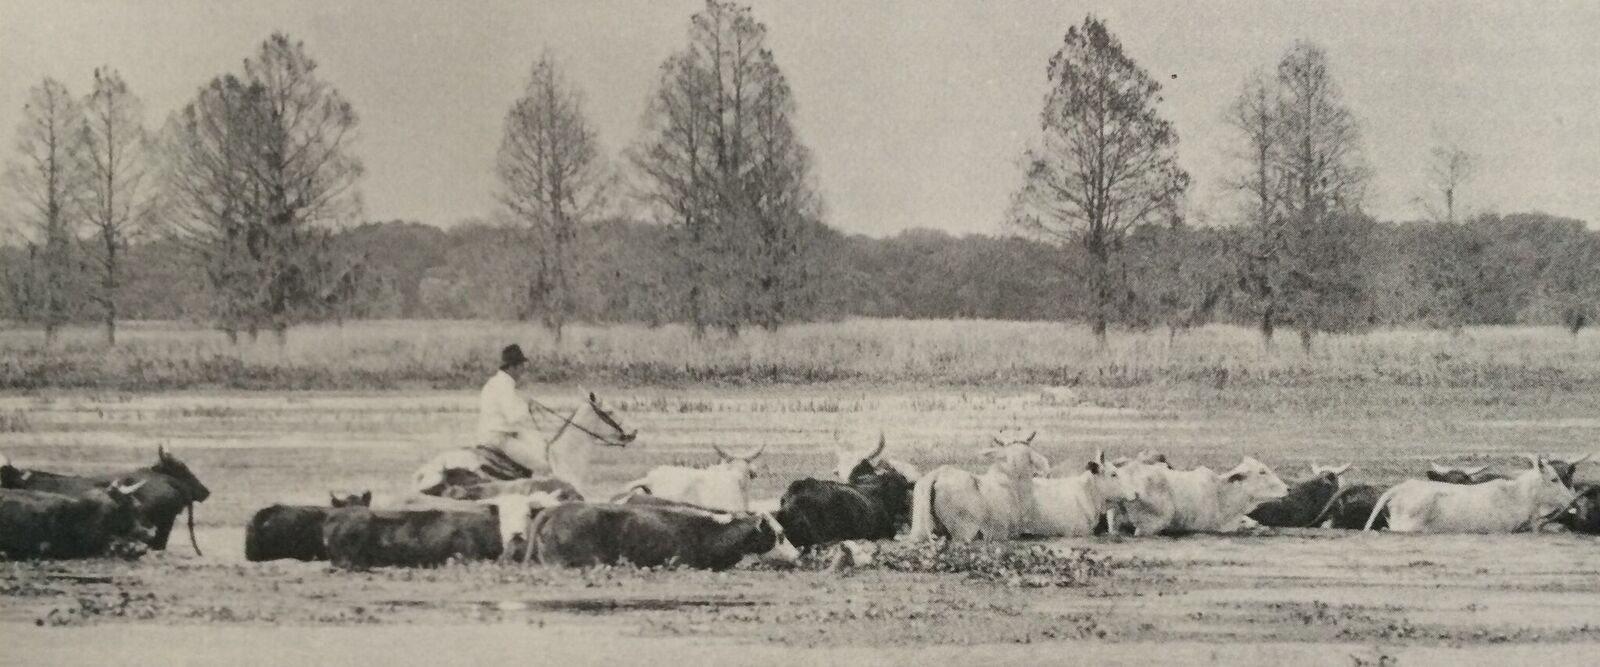 kowtown osceola